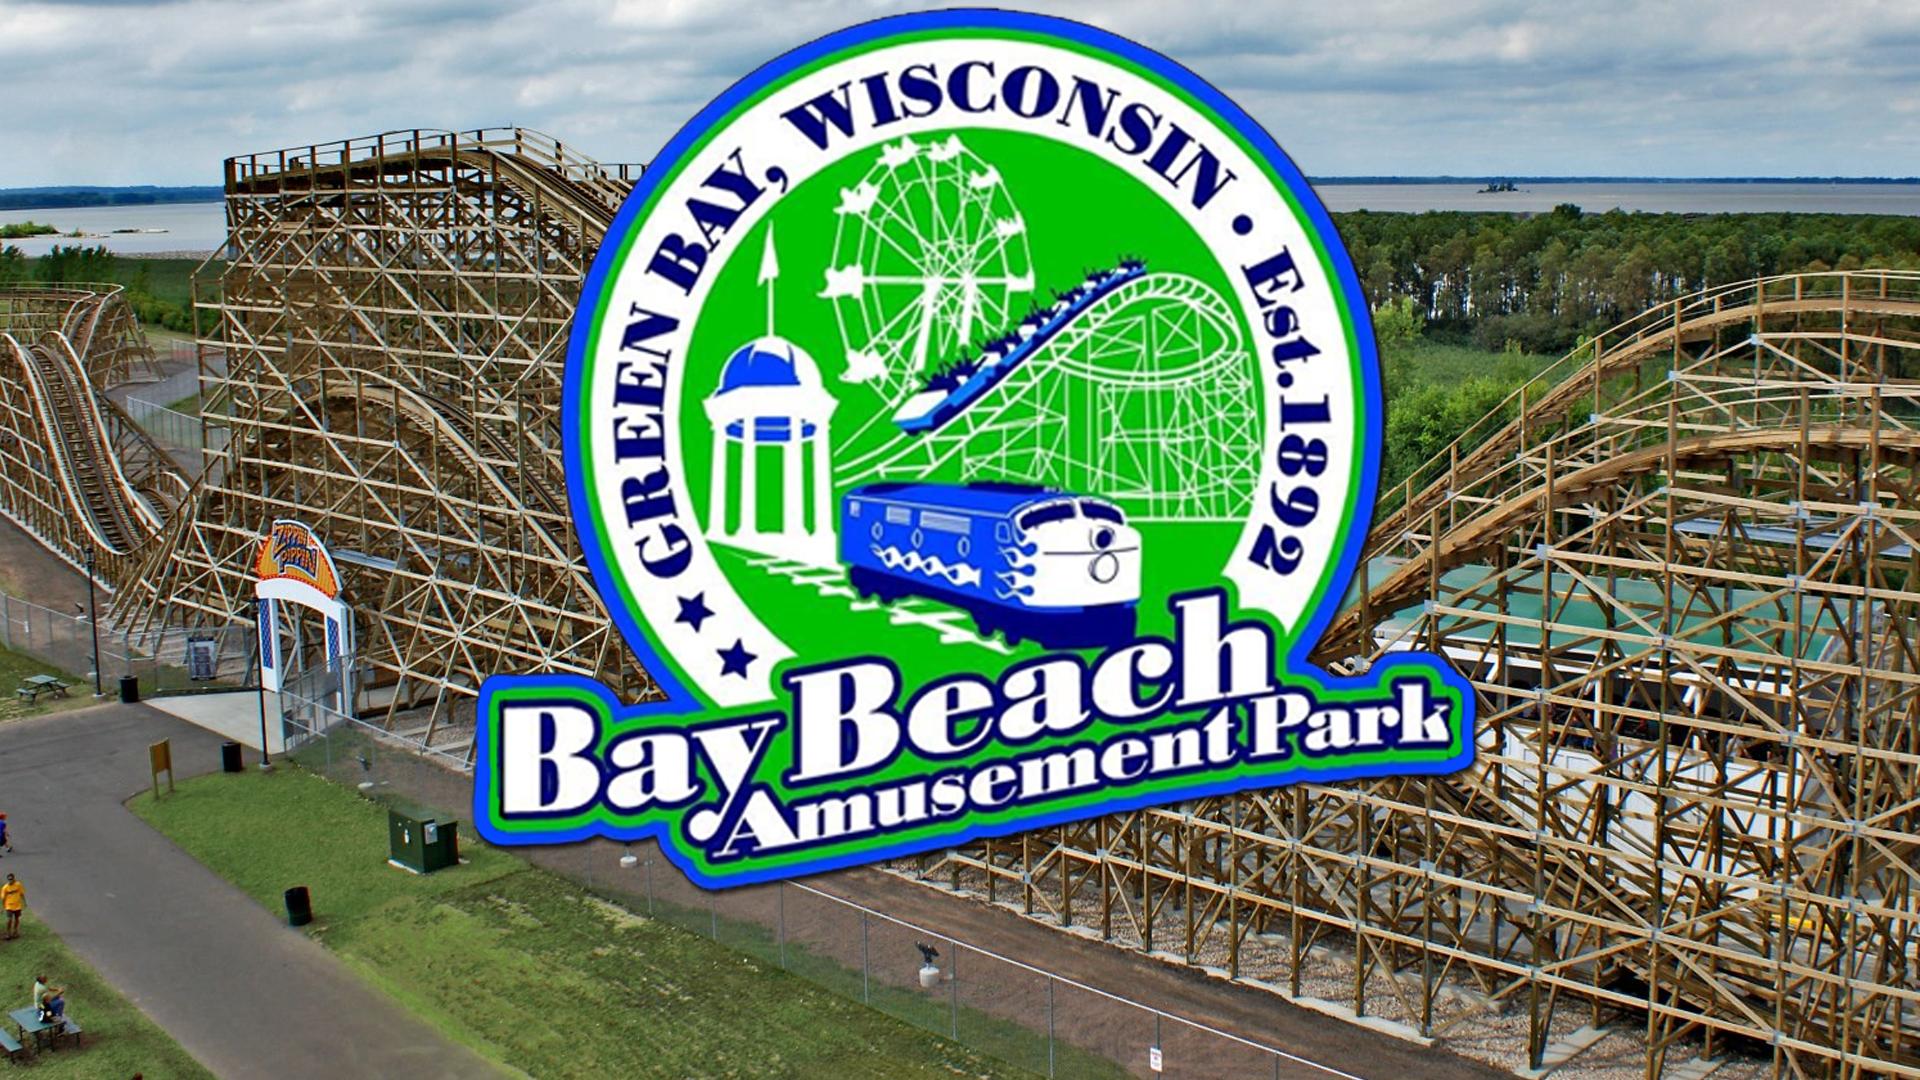 bay beach_1461293446628.jpg